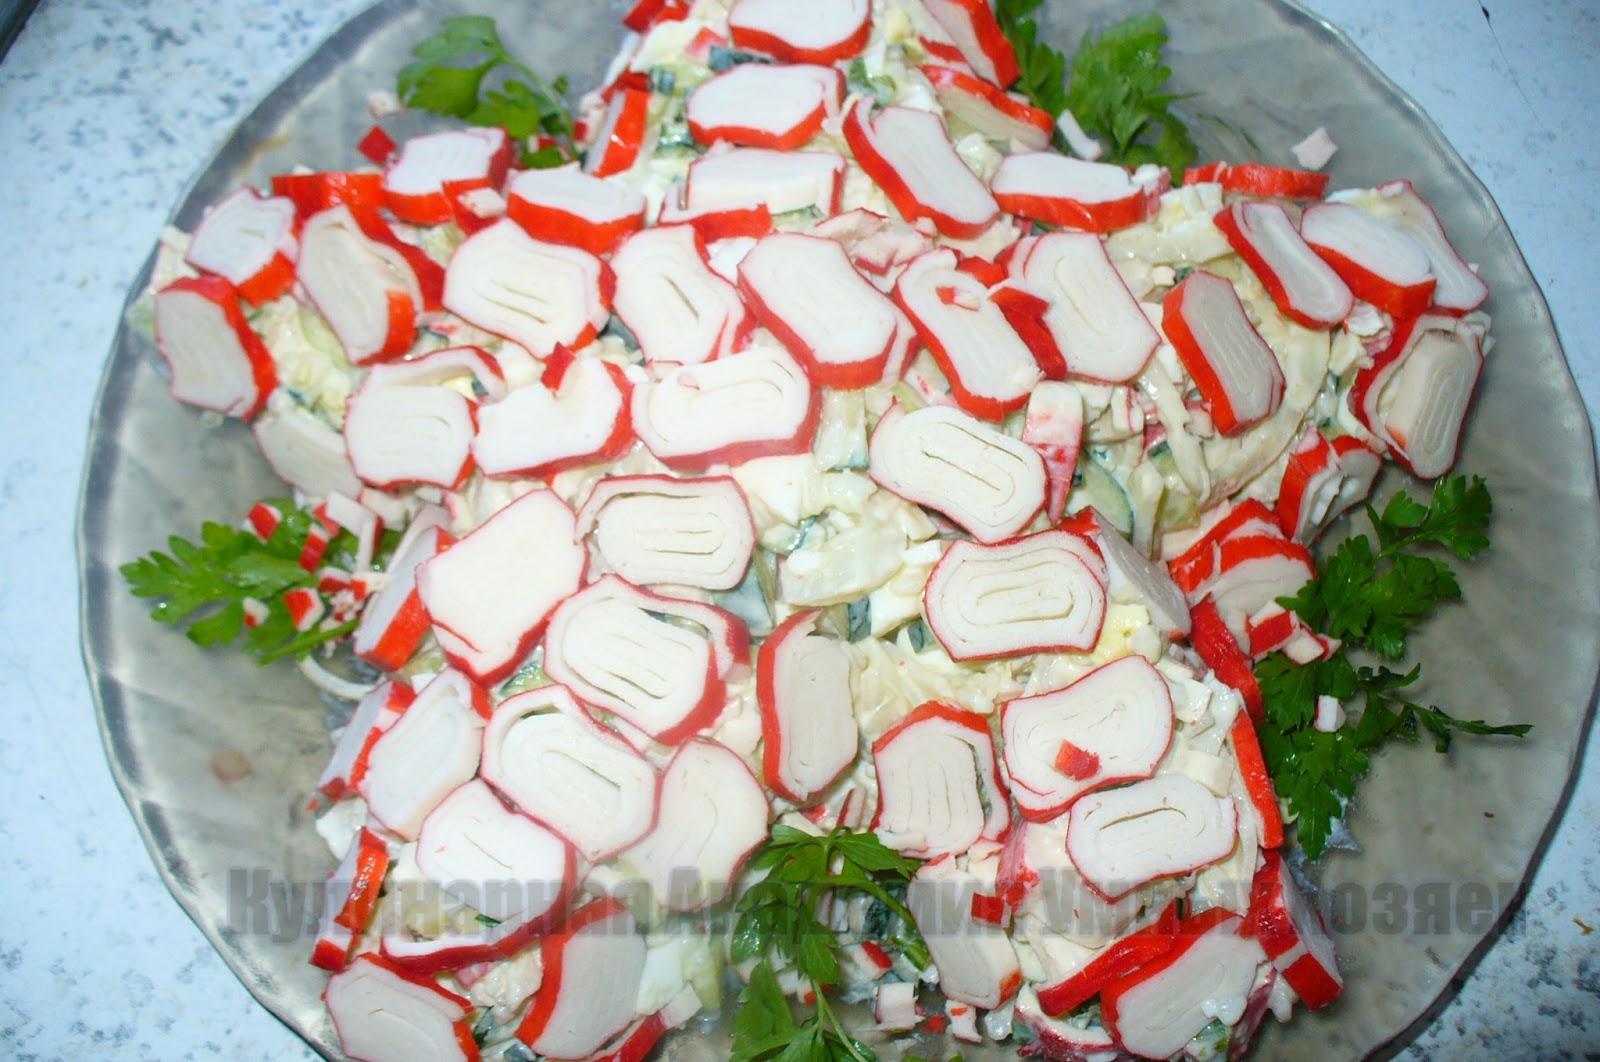 салат с кальмарами и крабовыми палочками готовый